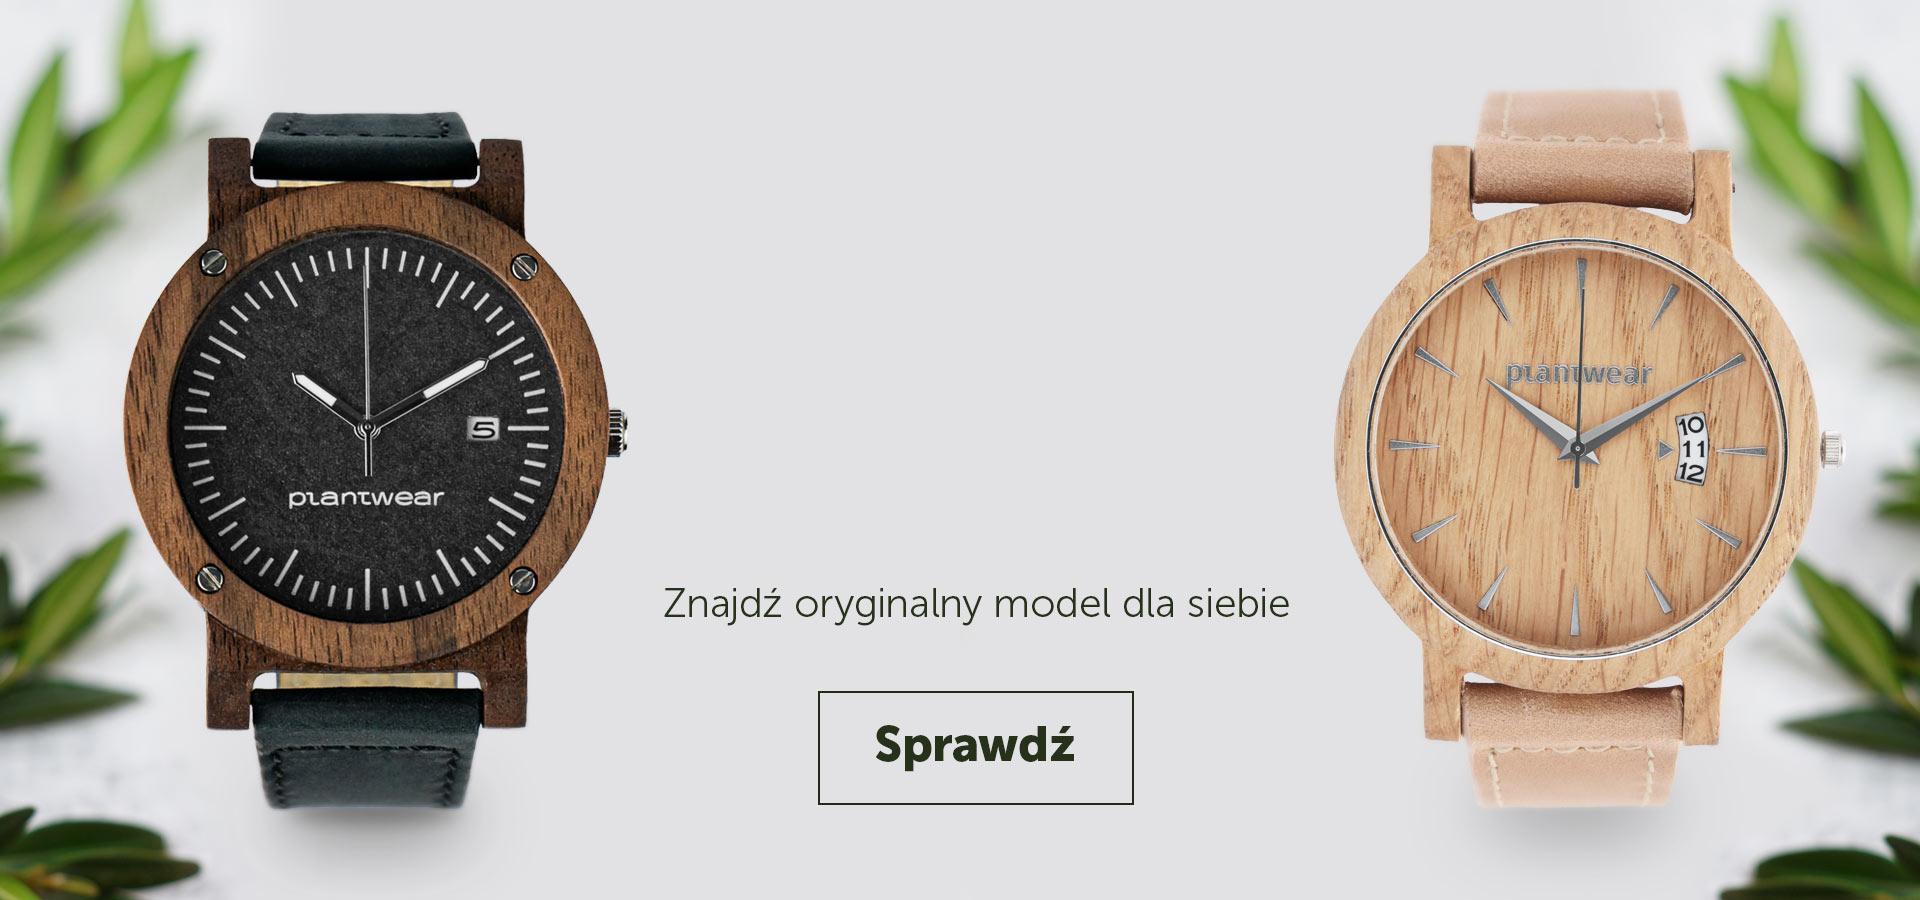 PL_SG_drewniane_zegarki_1920x900